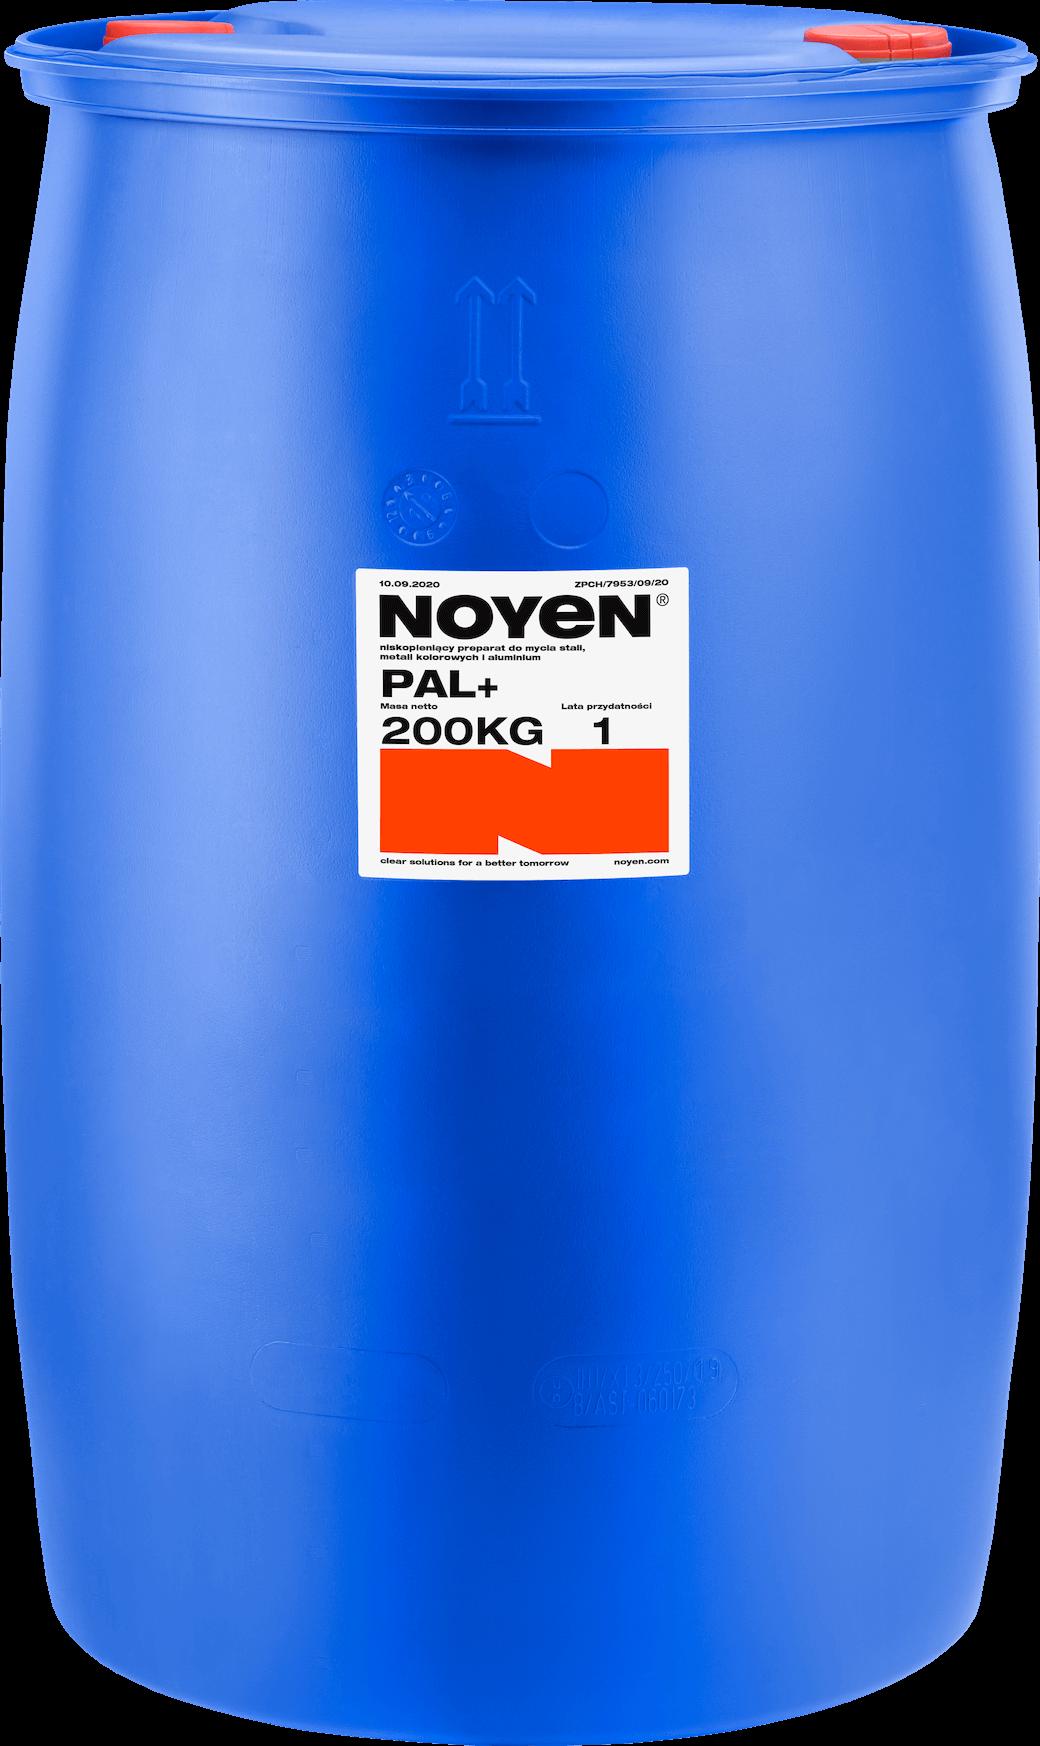 PAL+ NOYEN 200 KG niskopieniący preparat do mycia stali, metali kolorowych i aluminium w niebieskiej beczce